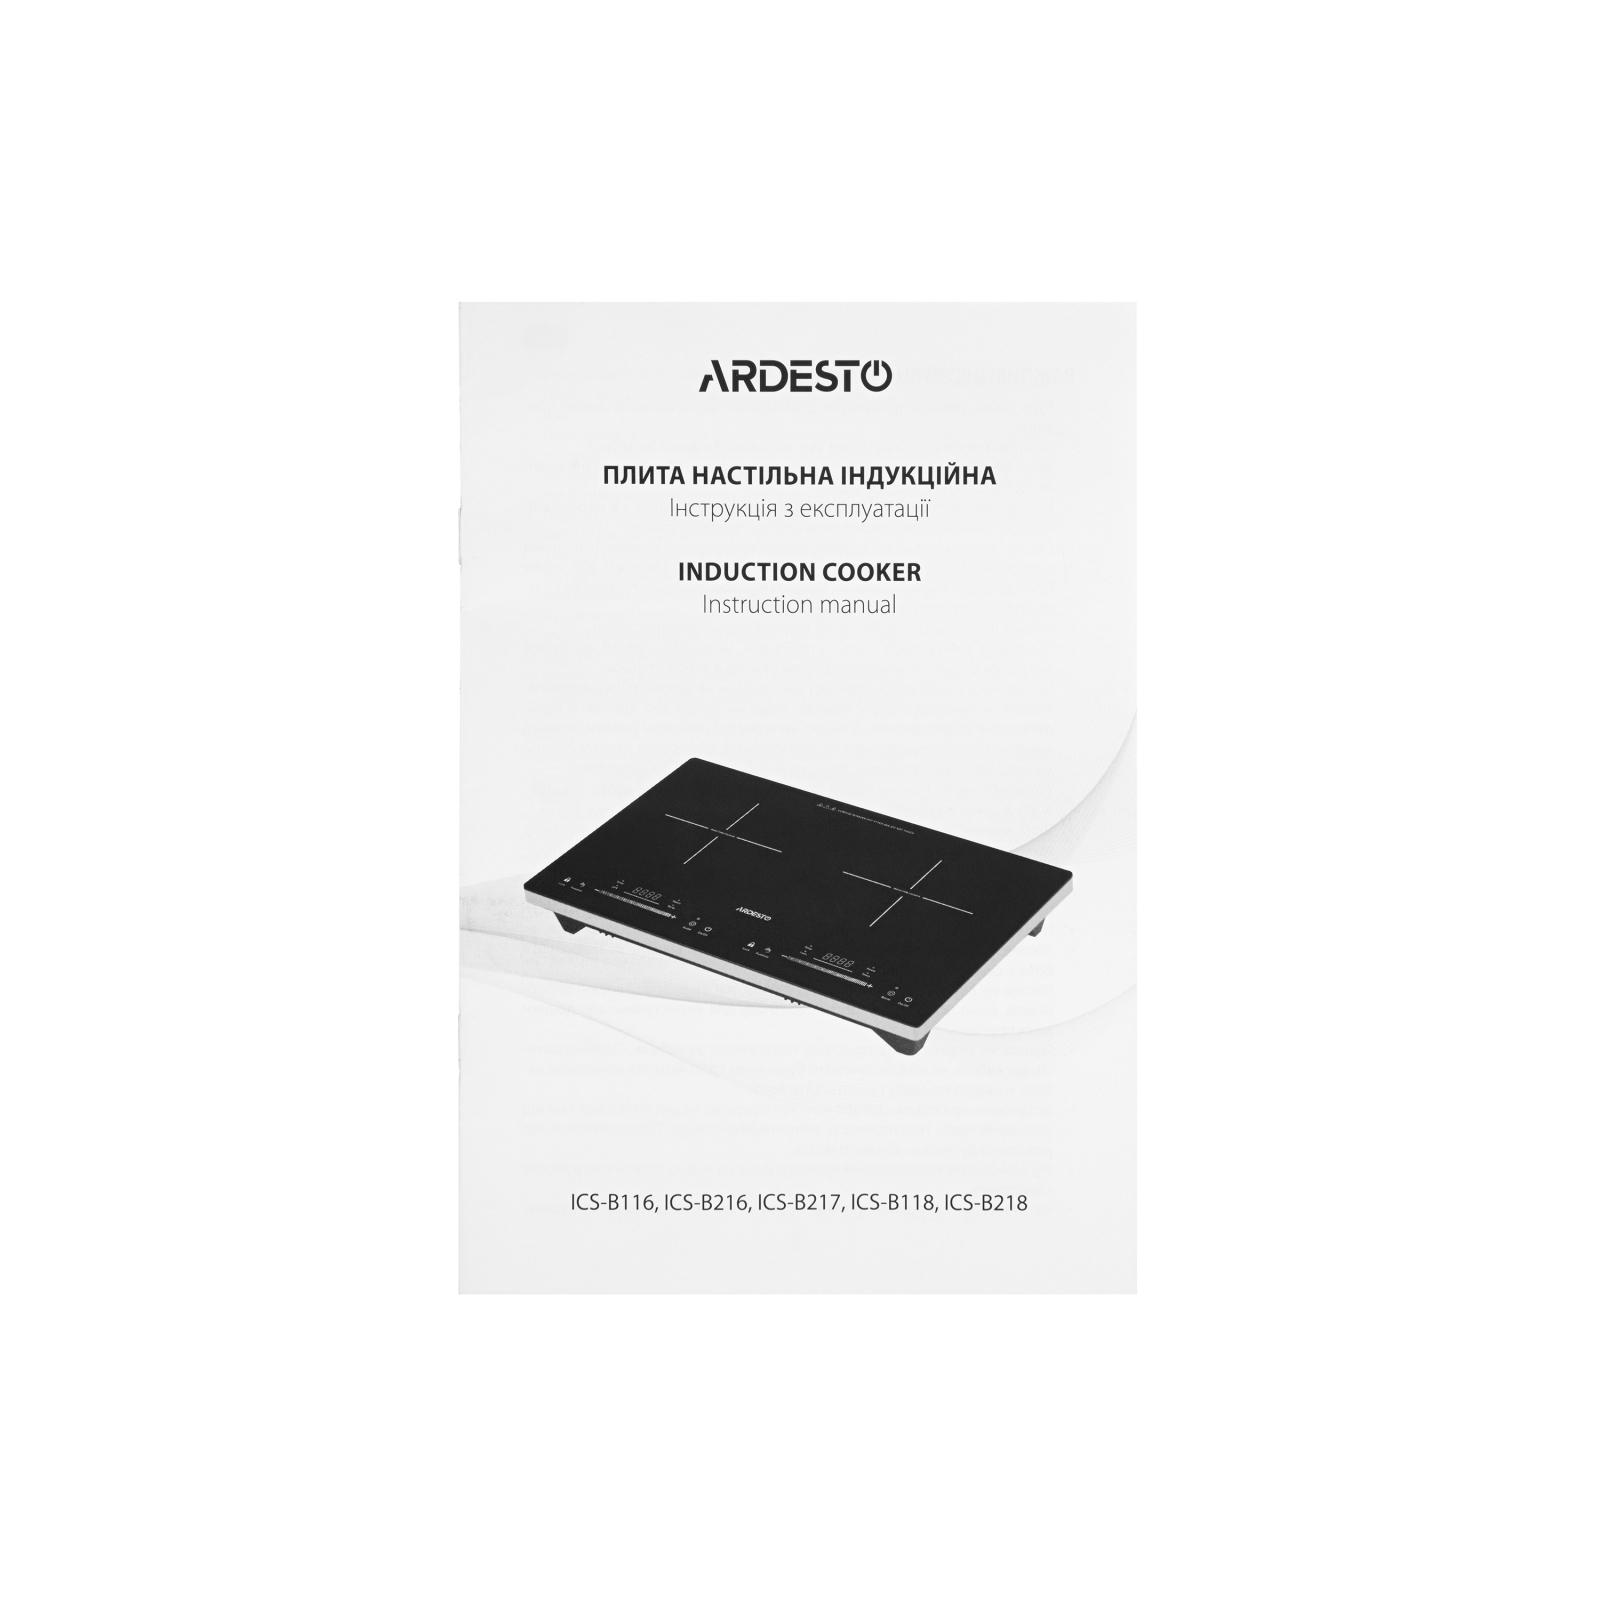 Електроплитка Ardesto ICS-B118 зображення 6